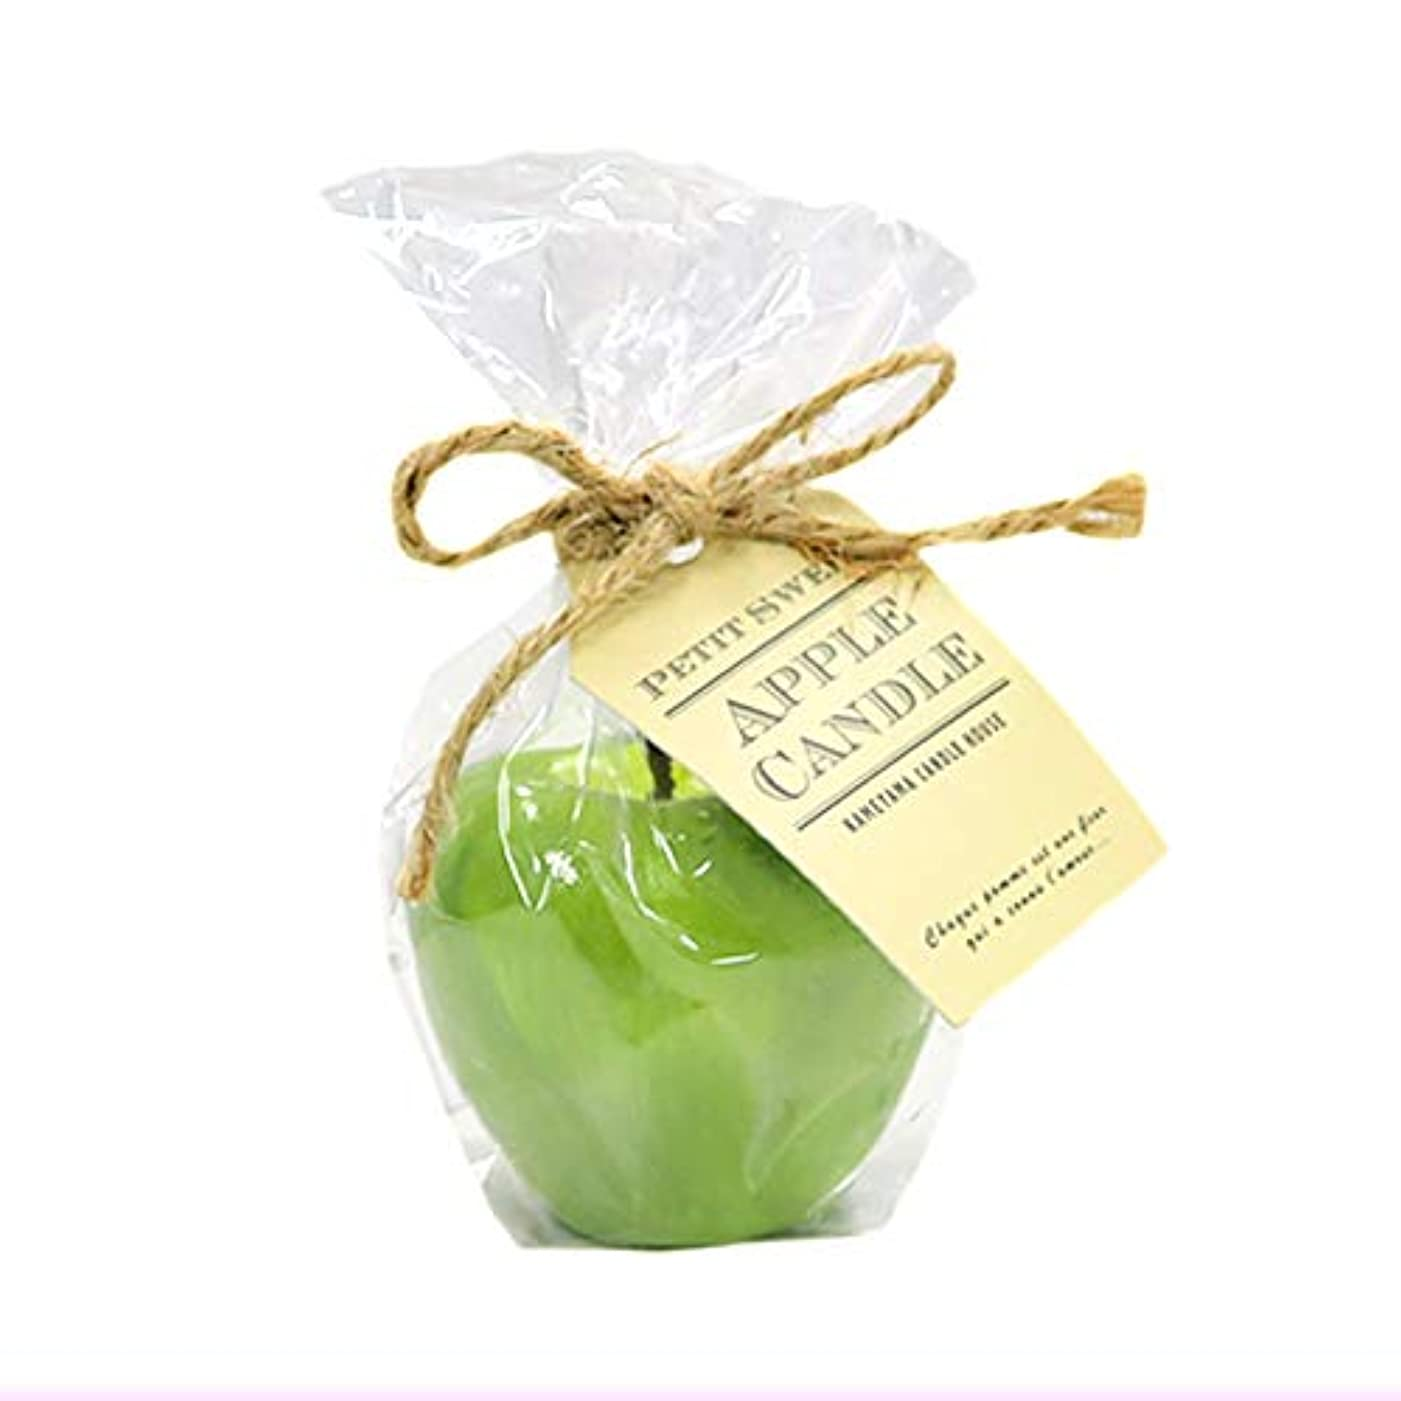 そよ風没頭する形カメヤマキャンドルハウス プチスイートアップルフローティングキャンドル グリーン アップルの香りつき